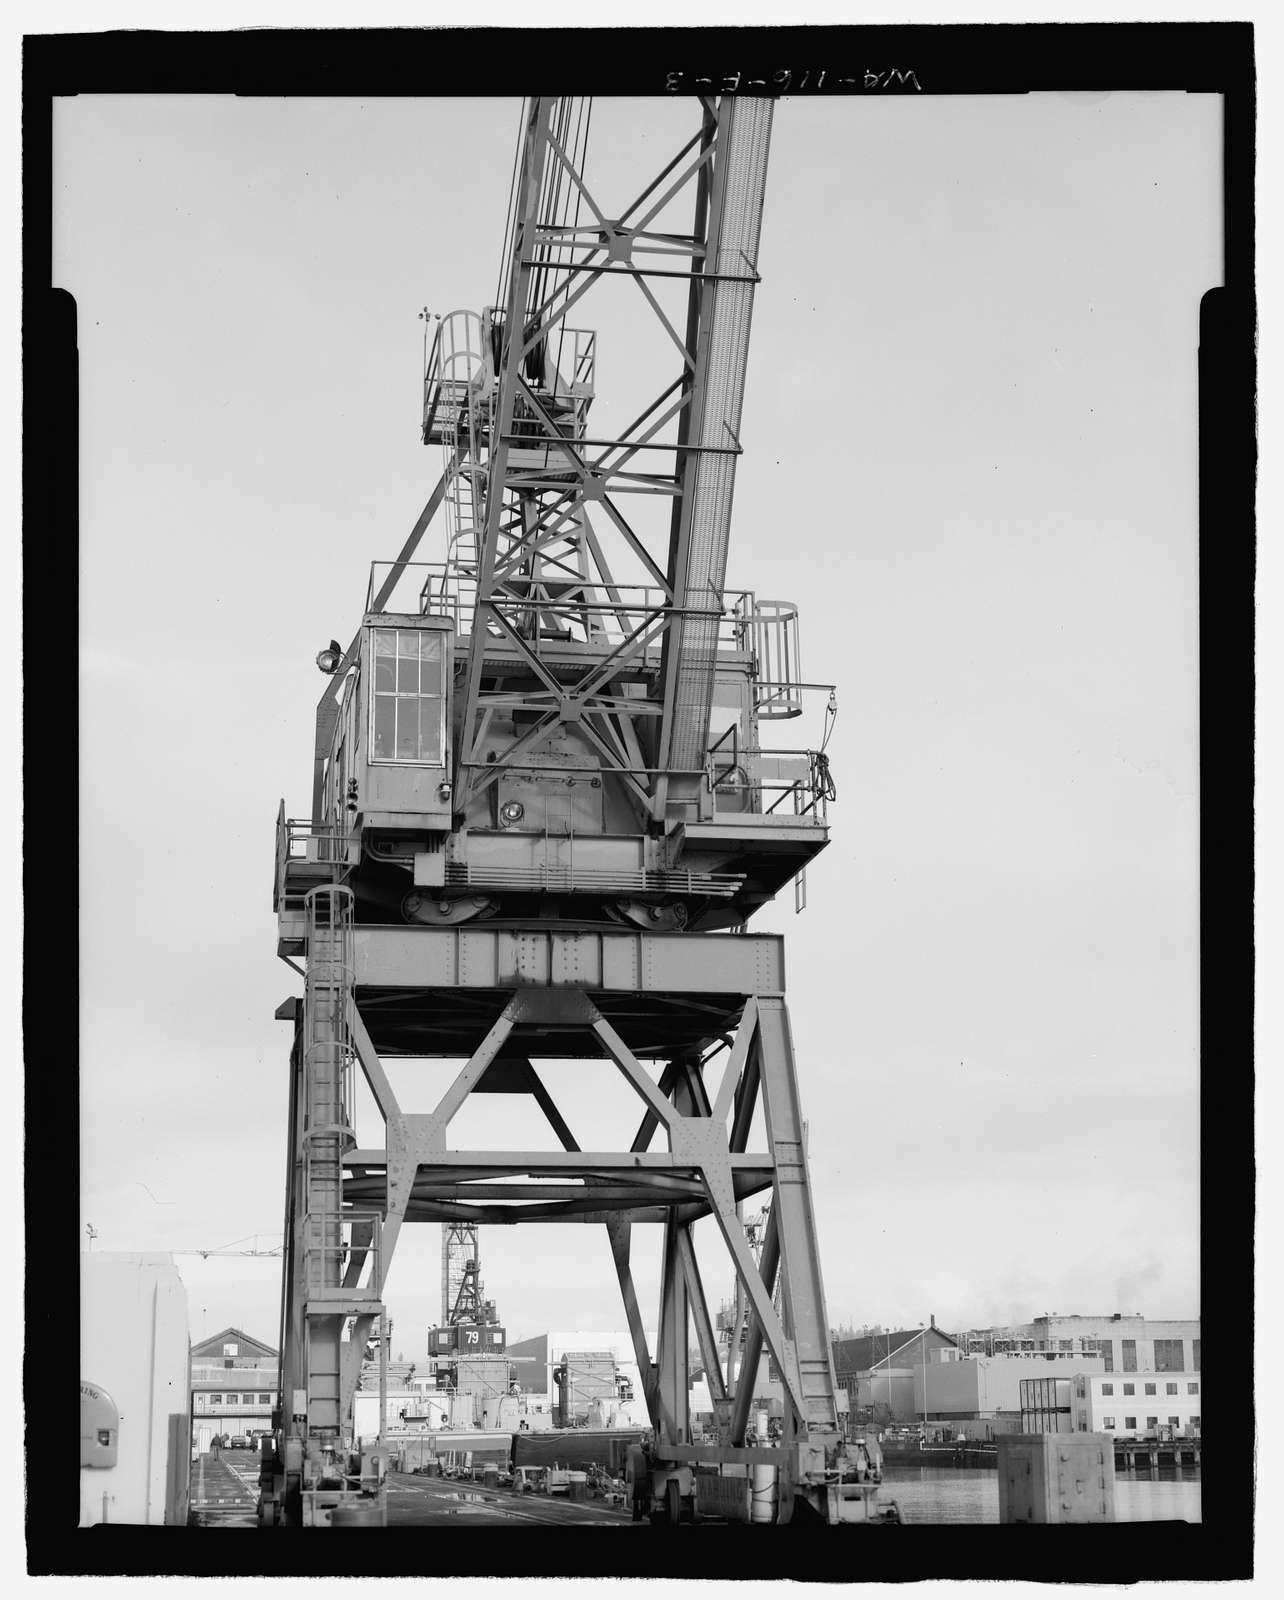 Puget Sound Naval Shipyard, Portal Gantry Crane No. 42, Pier 5, Farragut Avenue, Bremerton, Kitsap County, WA